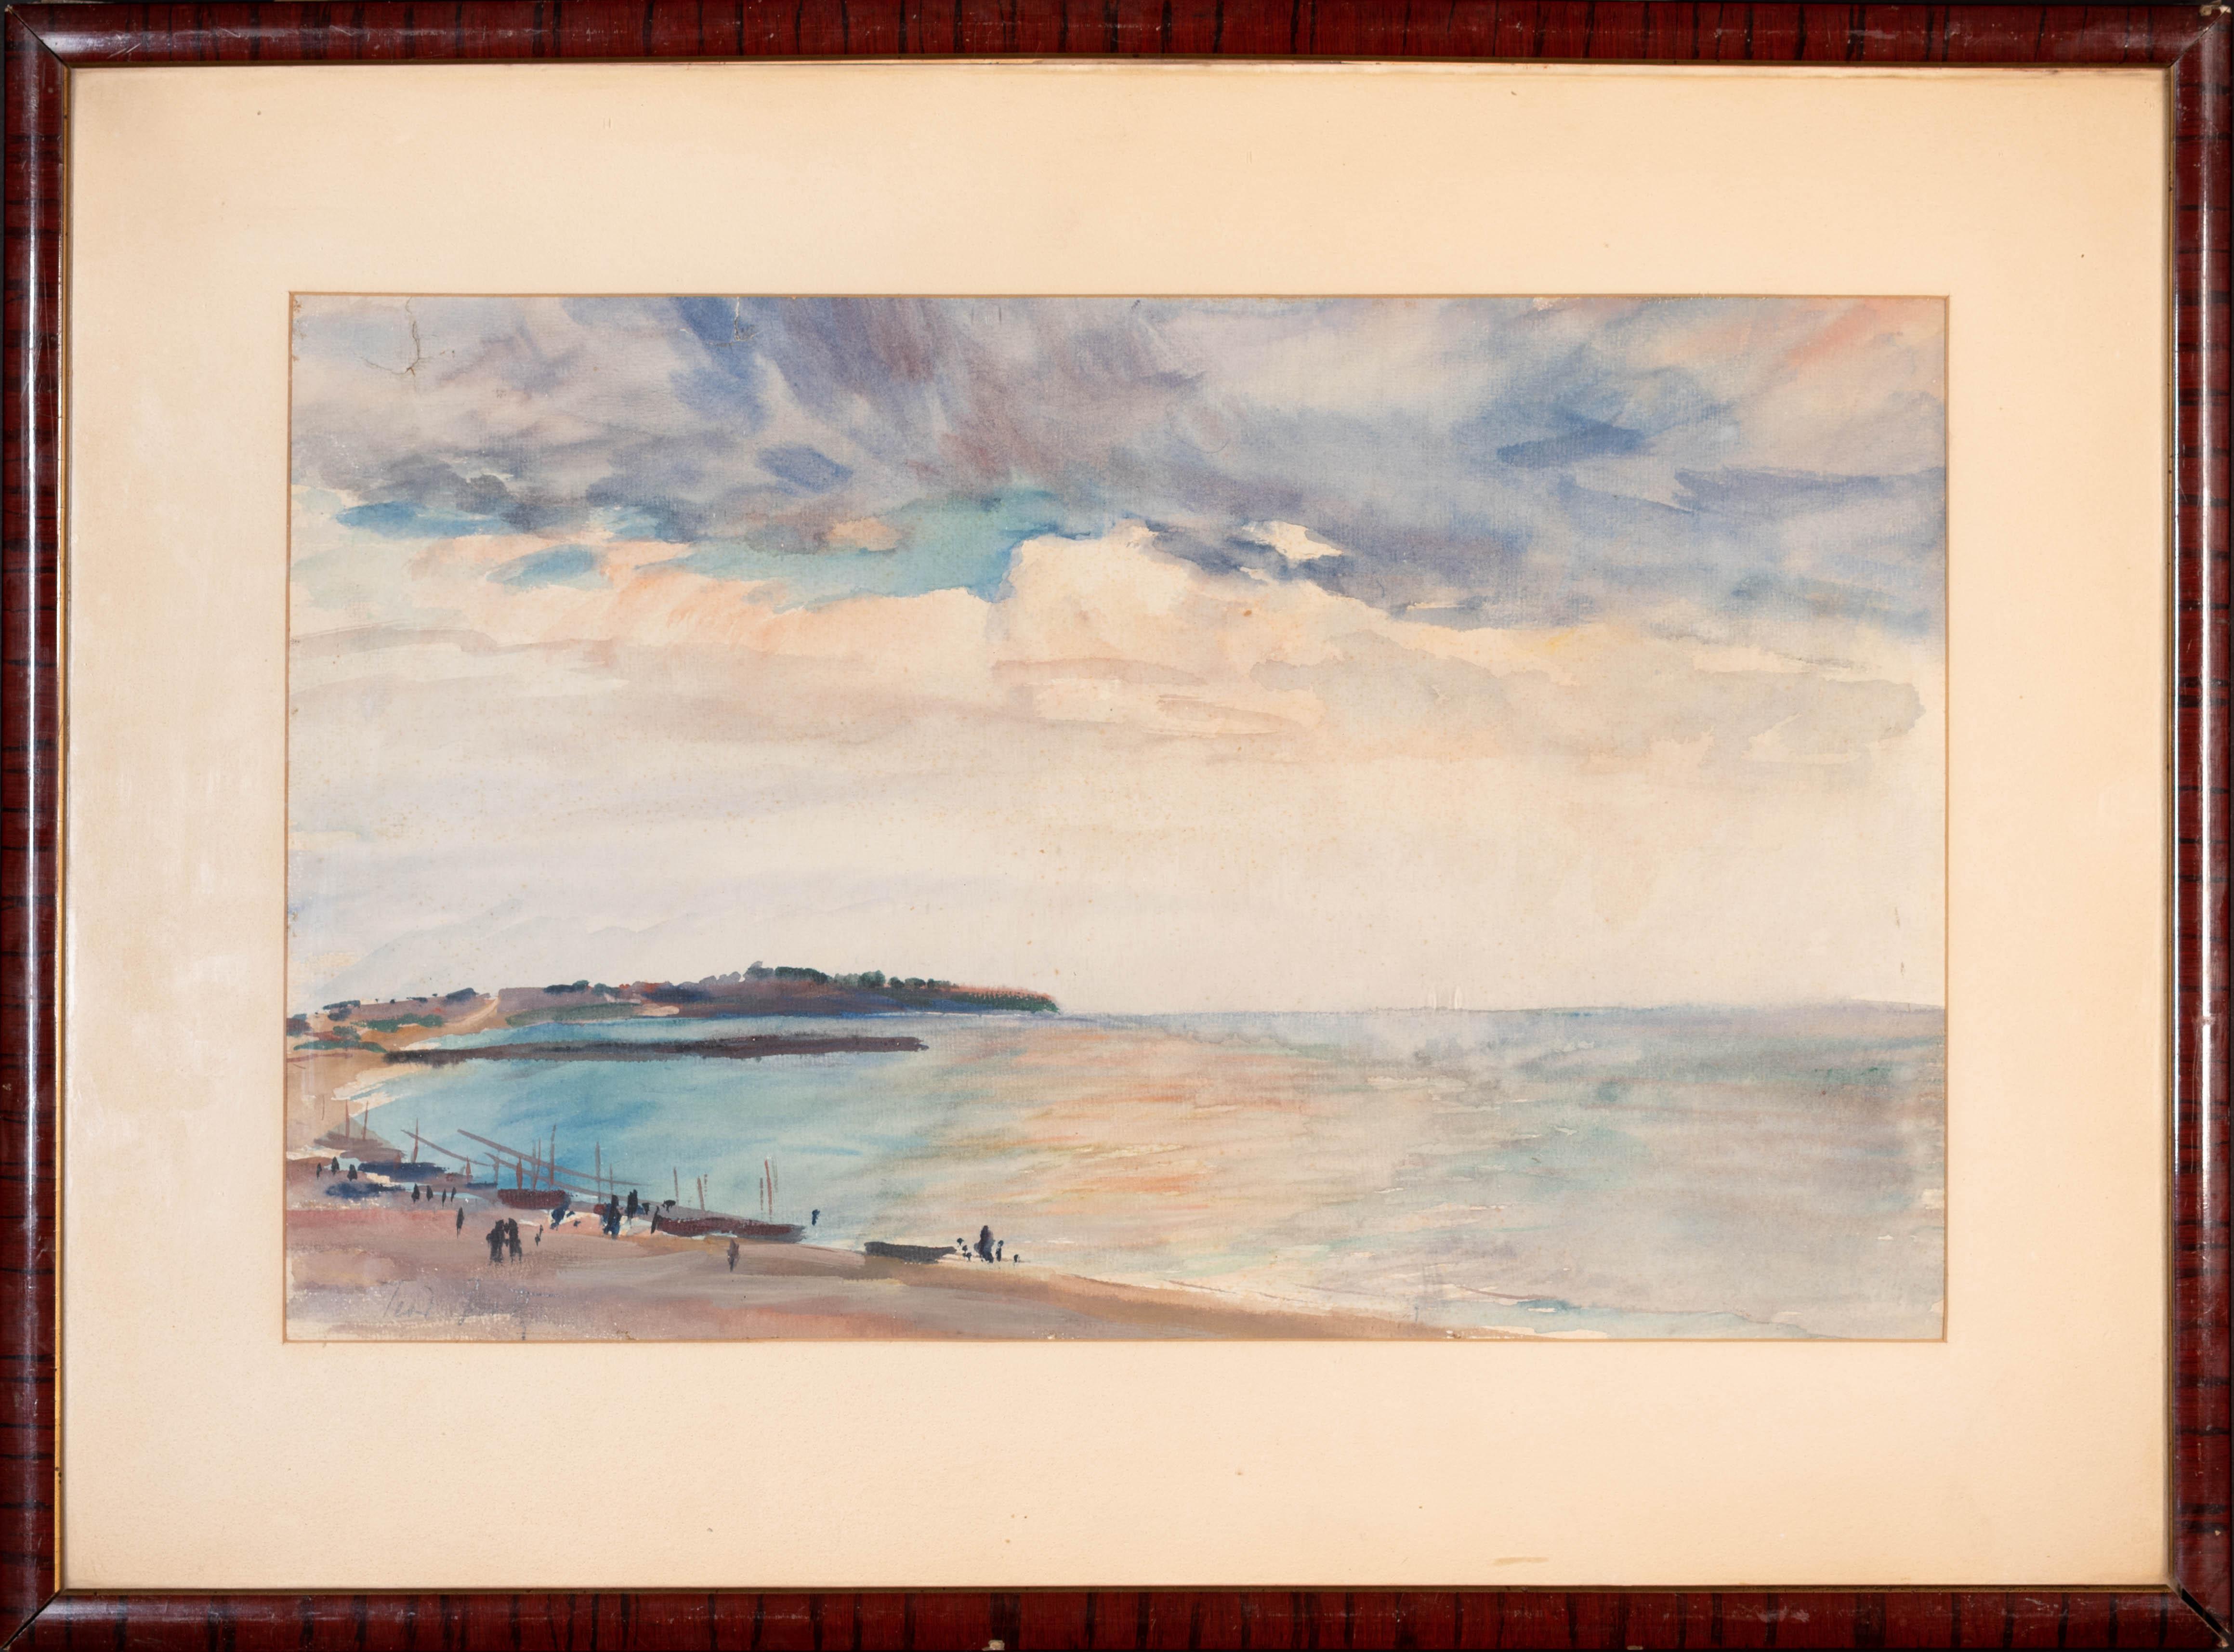 Pejzaż z zatoką, około 1930 r.